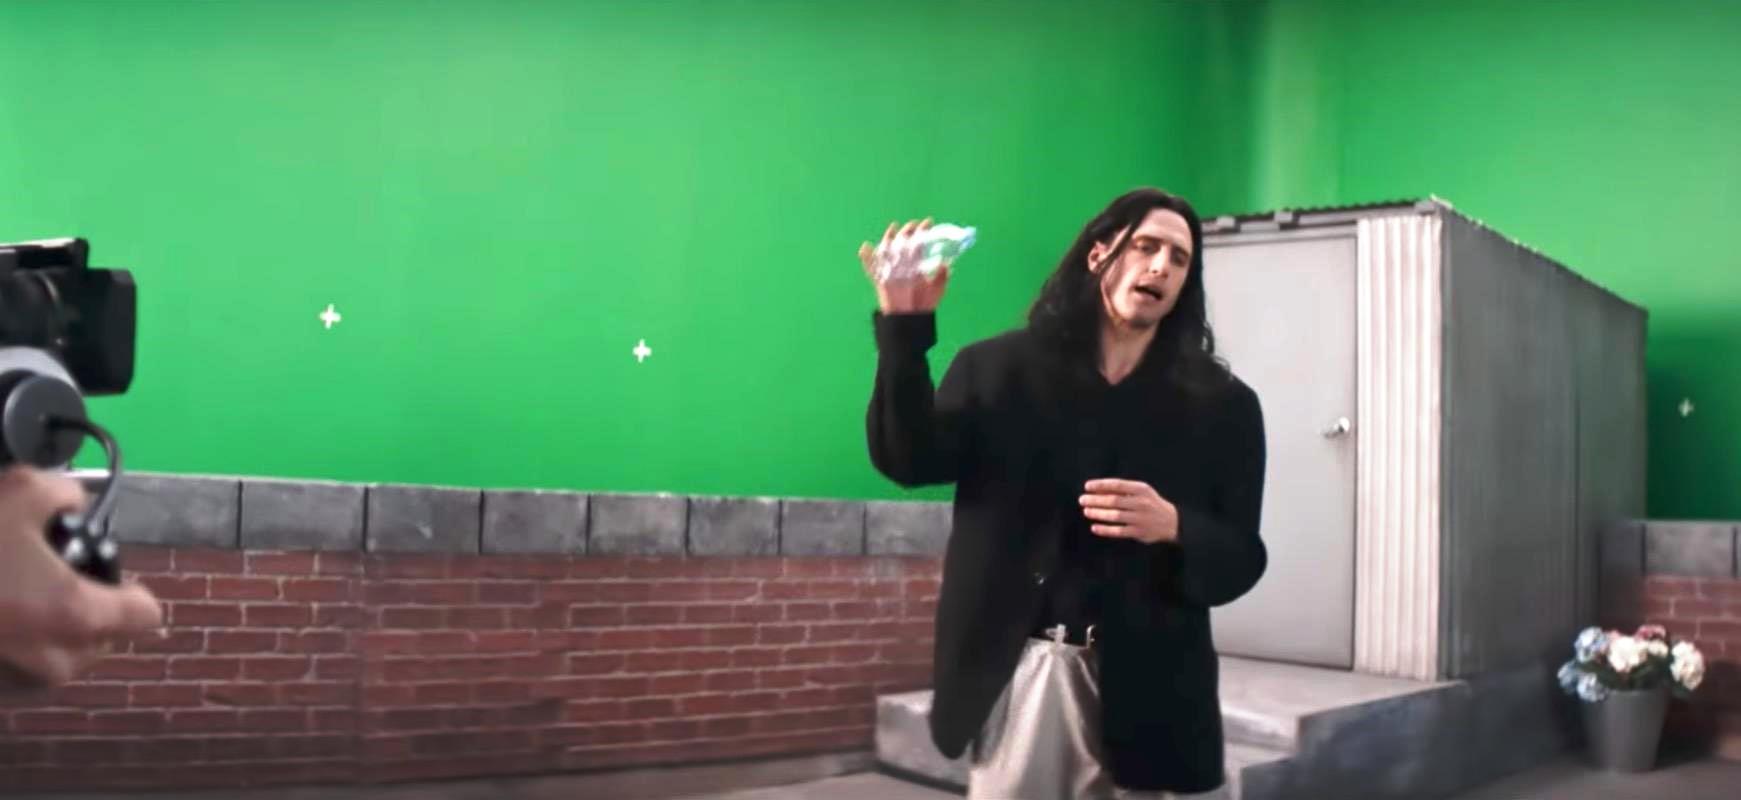 CINE: \'The Disaster Artist\': Anatomía de una película, \'The Room ...